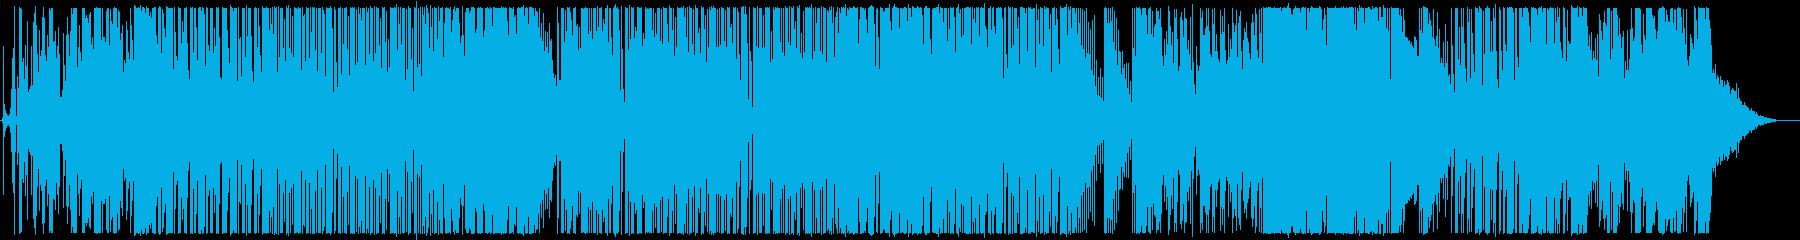 無機質な民族音楽調楽曲【生楽器あり】の再生済みの波形